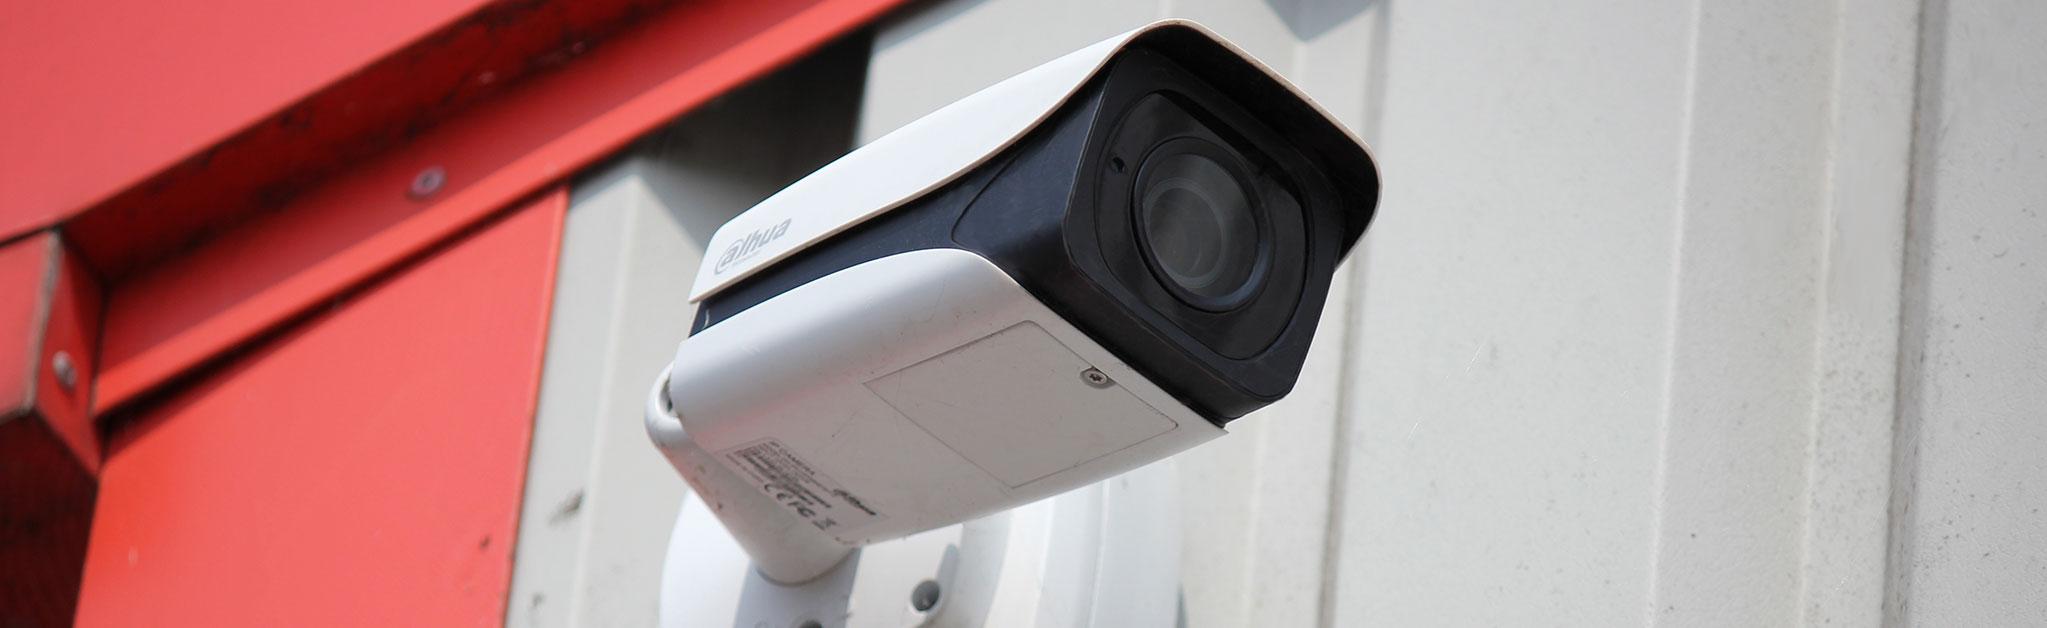 http://leba.co.uk/uploads/images/head-slides/Slide_CCTV-Syatems.jpg